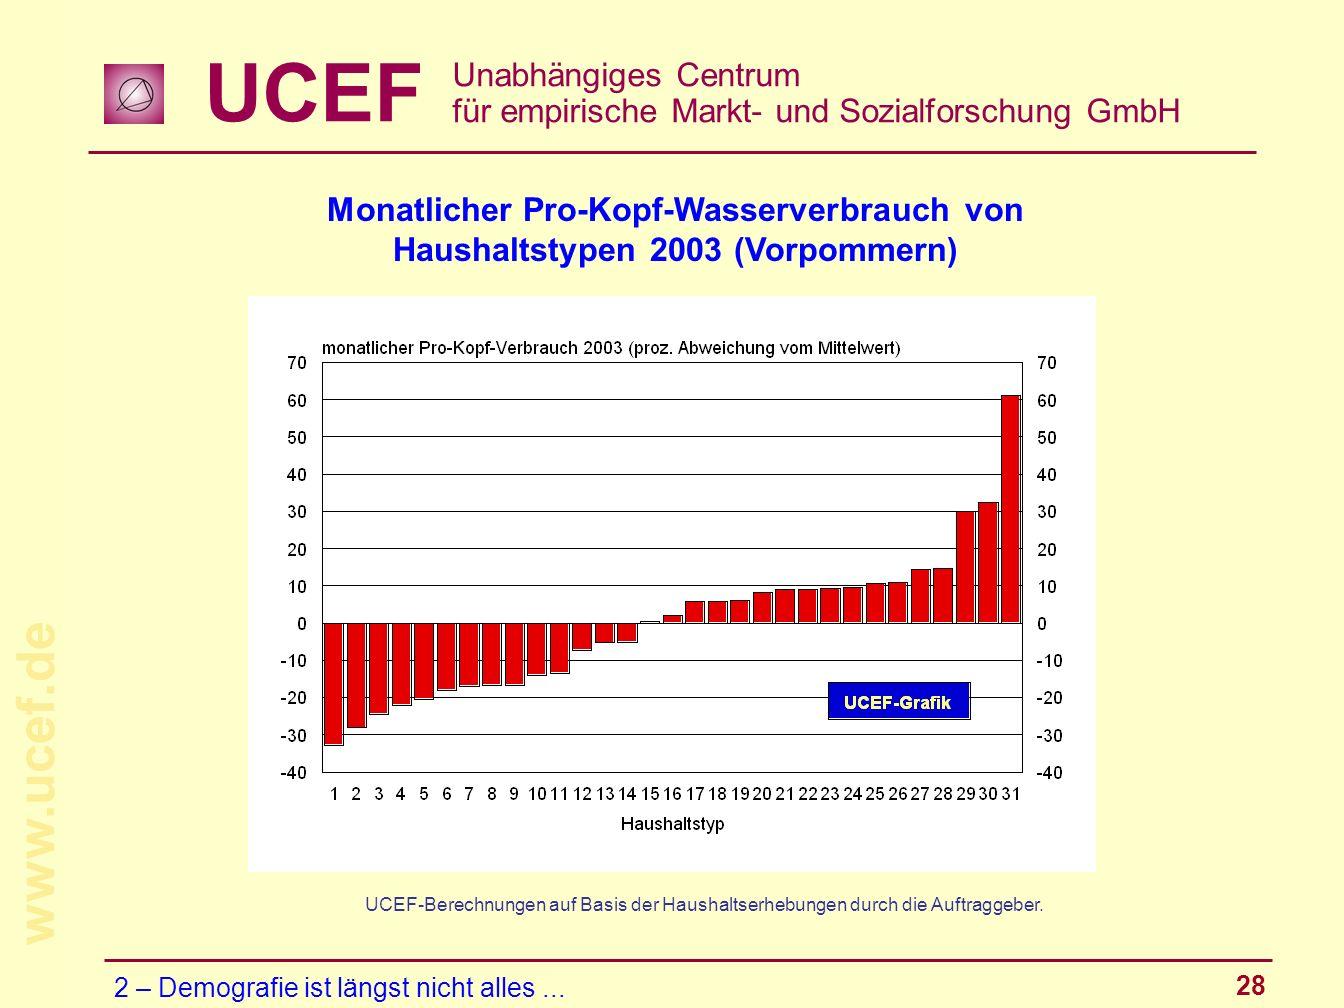 Monatlicher Pro-Kopf-Wasserverbrauch von Haushaltstypen 2003 (Vorpommern)